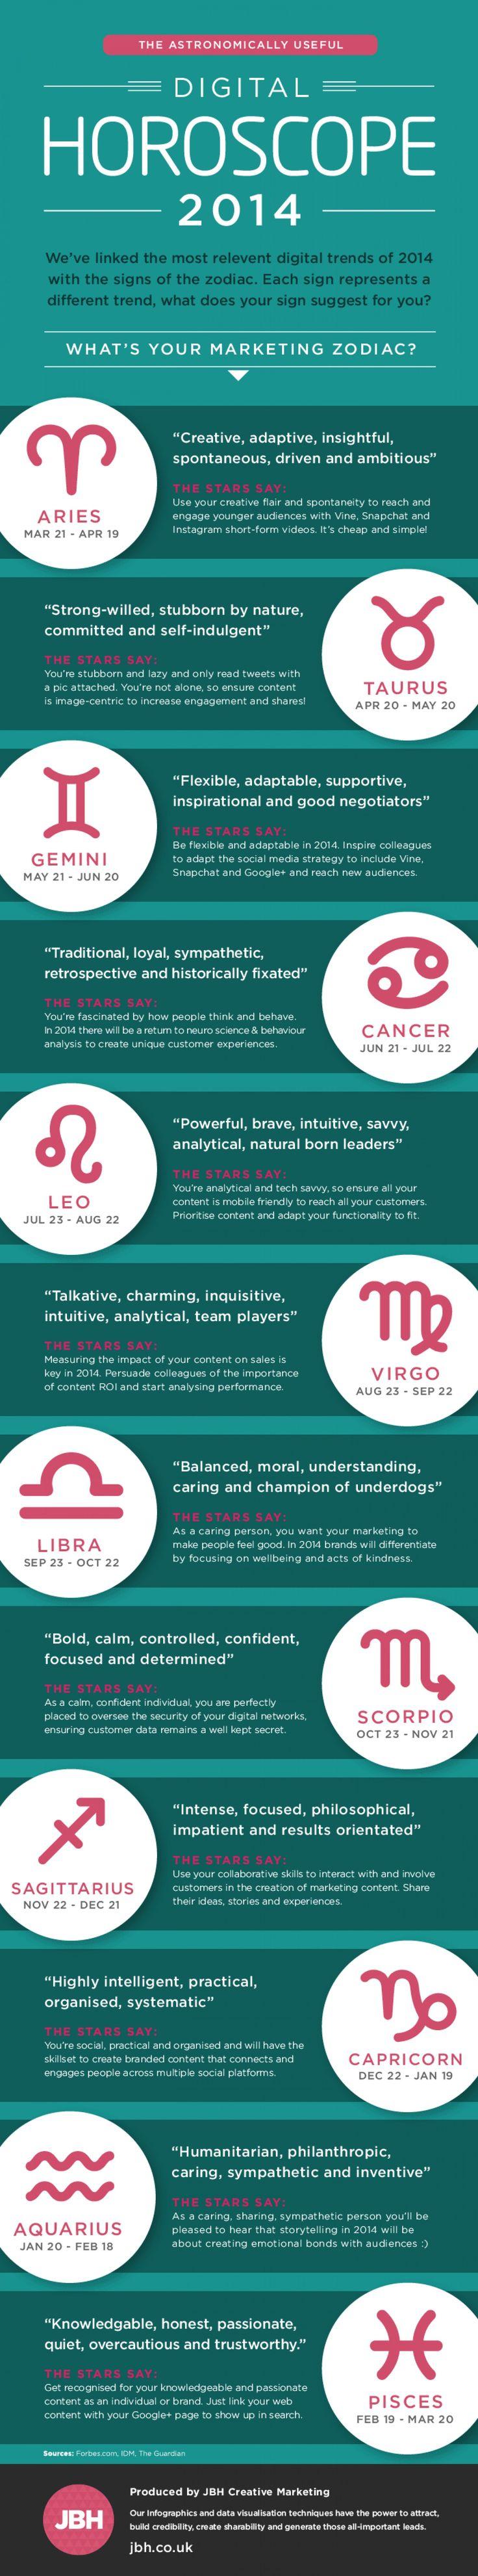 2014 Digital Horoscope for #Marketers